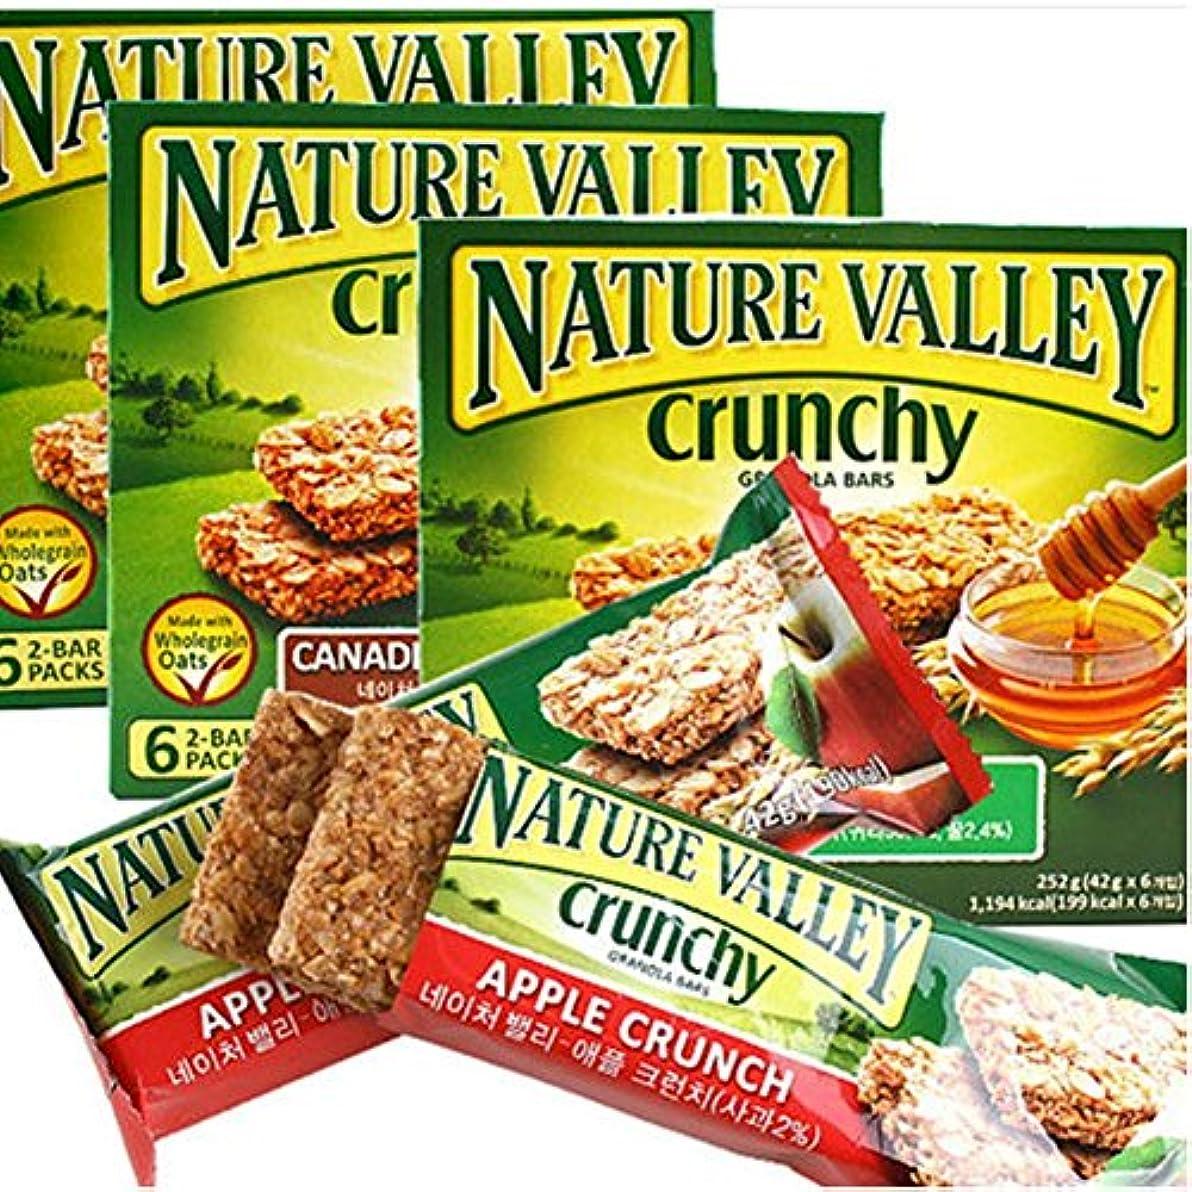 聖職者カロリースリップシューズ[ネイチャーバレー/Nature Valley] CANADIAN MAPLE SYRUP/ネイチャーバレークランチグラノーラバー42g5パックx3 Box - メープルシロップ(合計15袋)穀物バー/シリアル/栄養のバー...